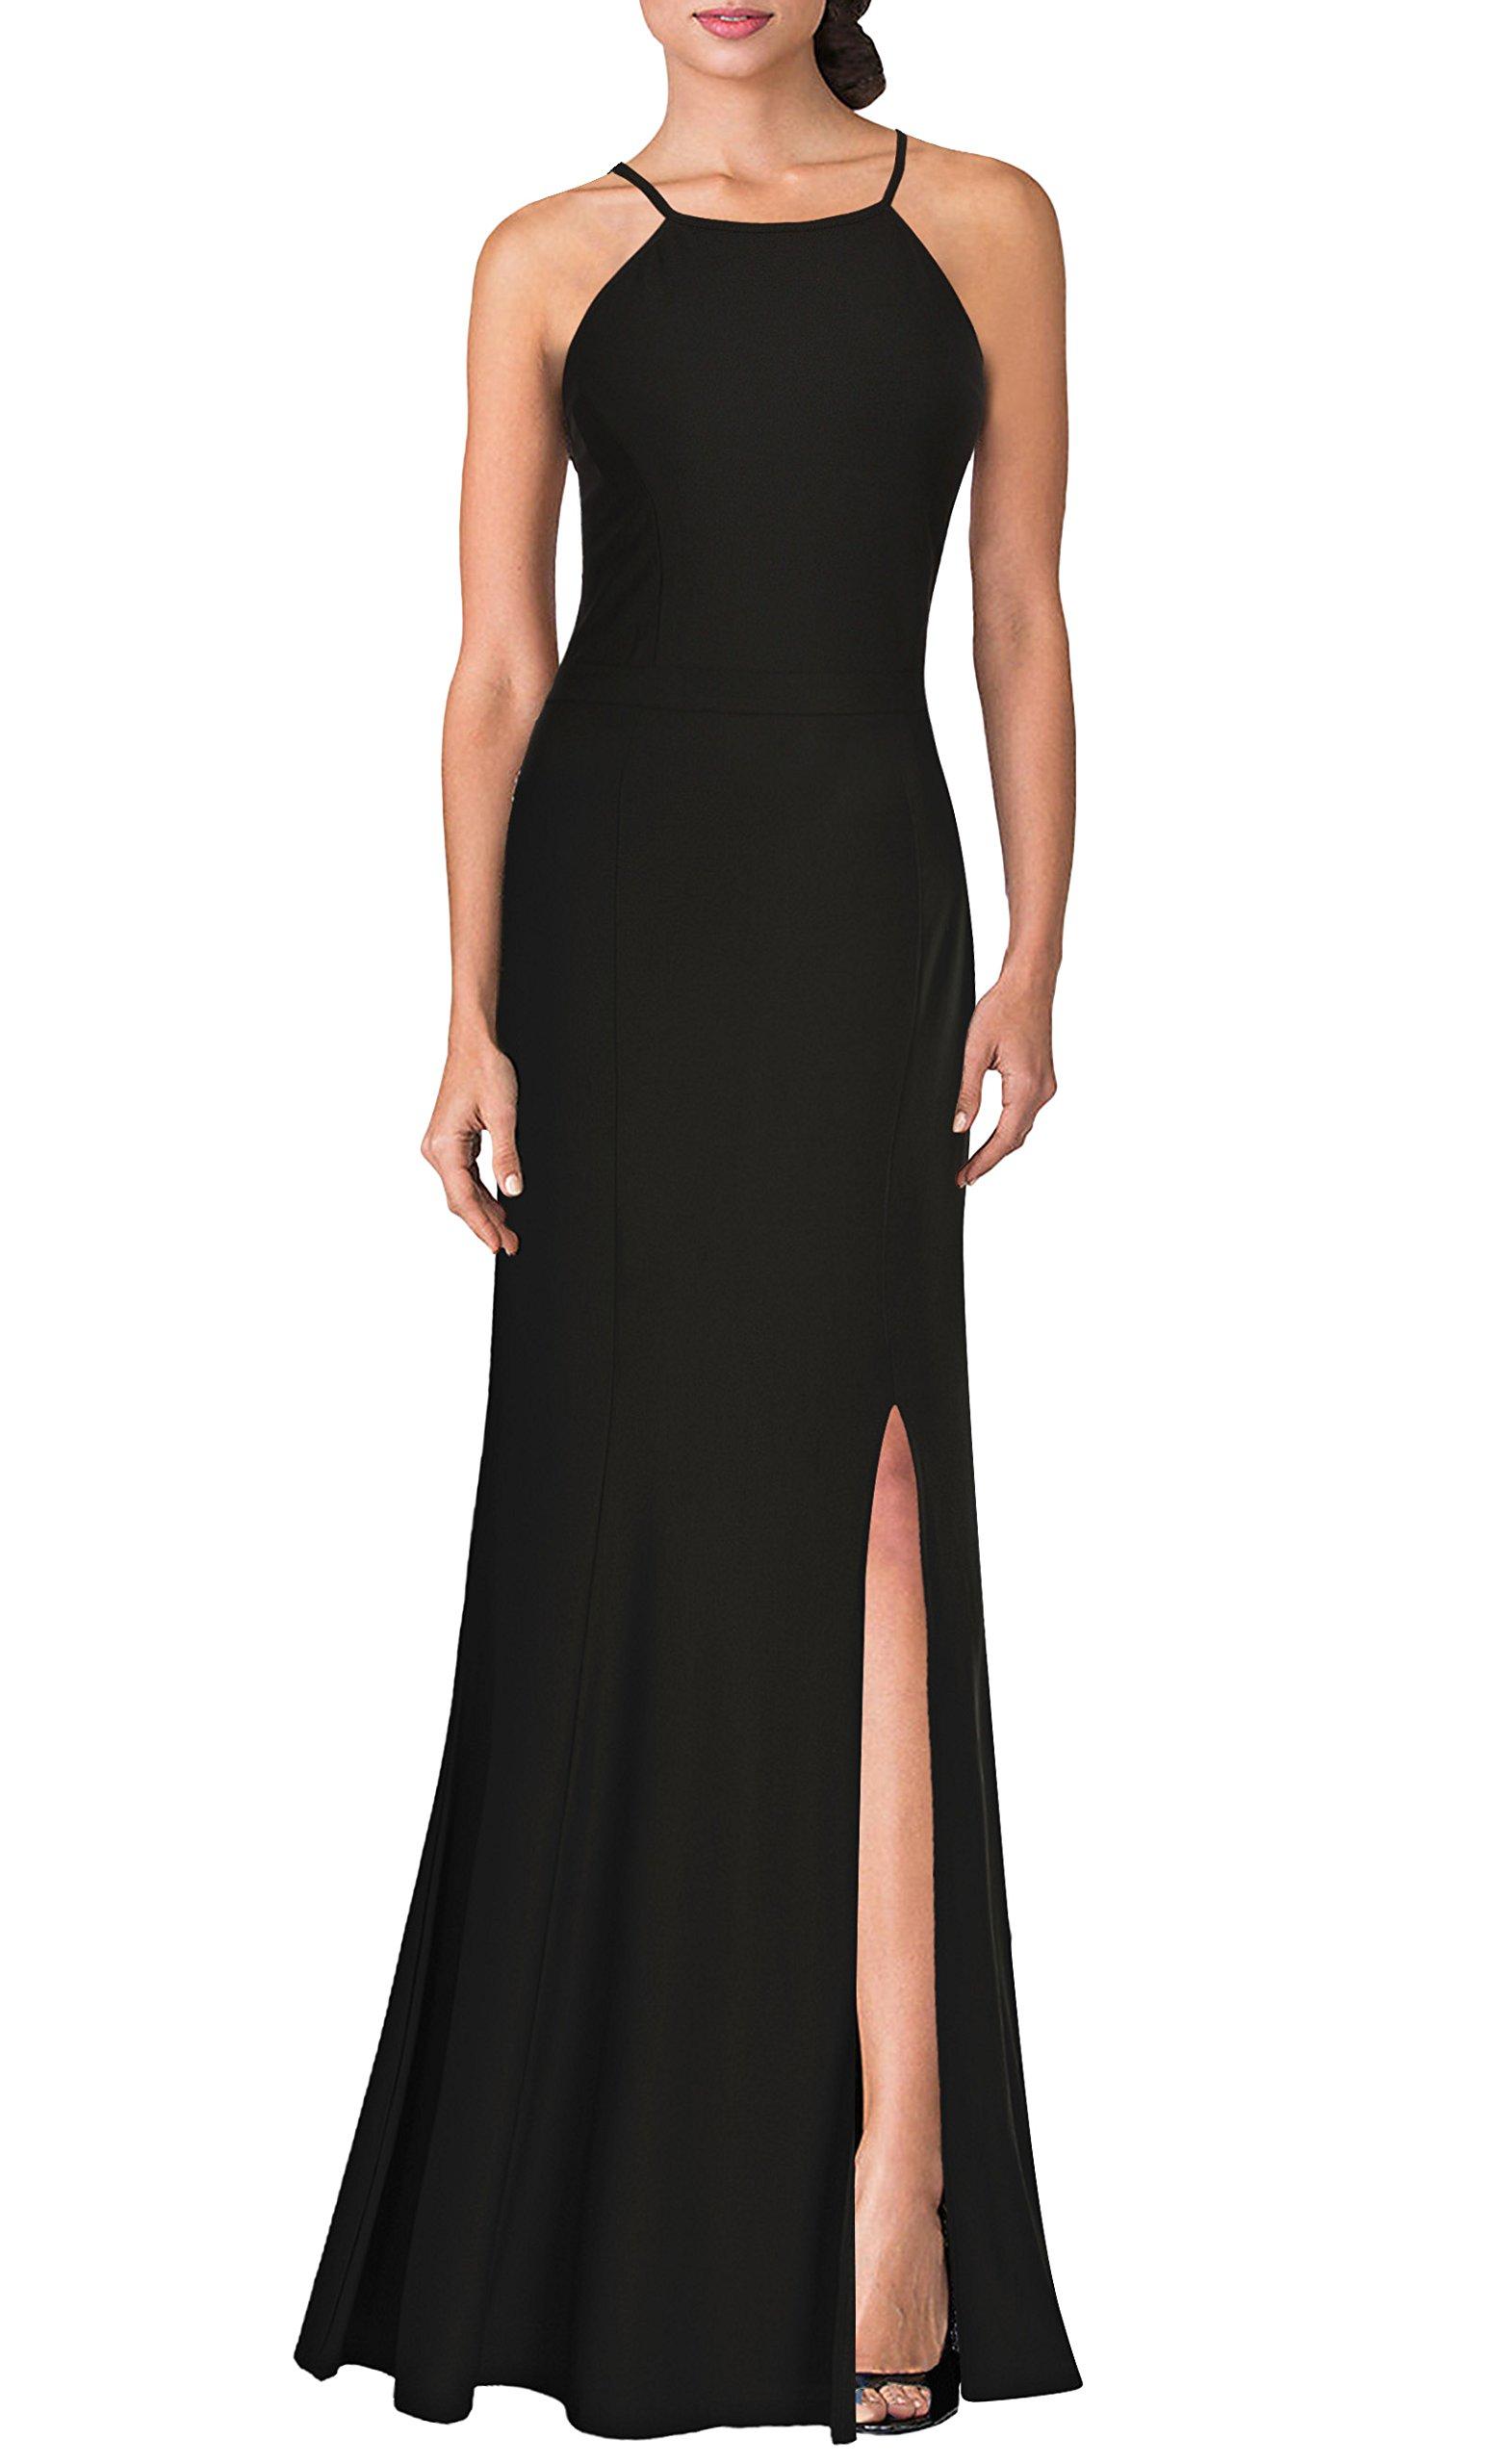 Mmondschein Women's Vintage Halter Wedding Bridesmaid Evening Long Dress Black L